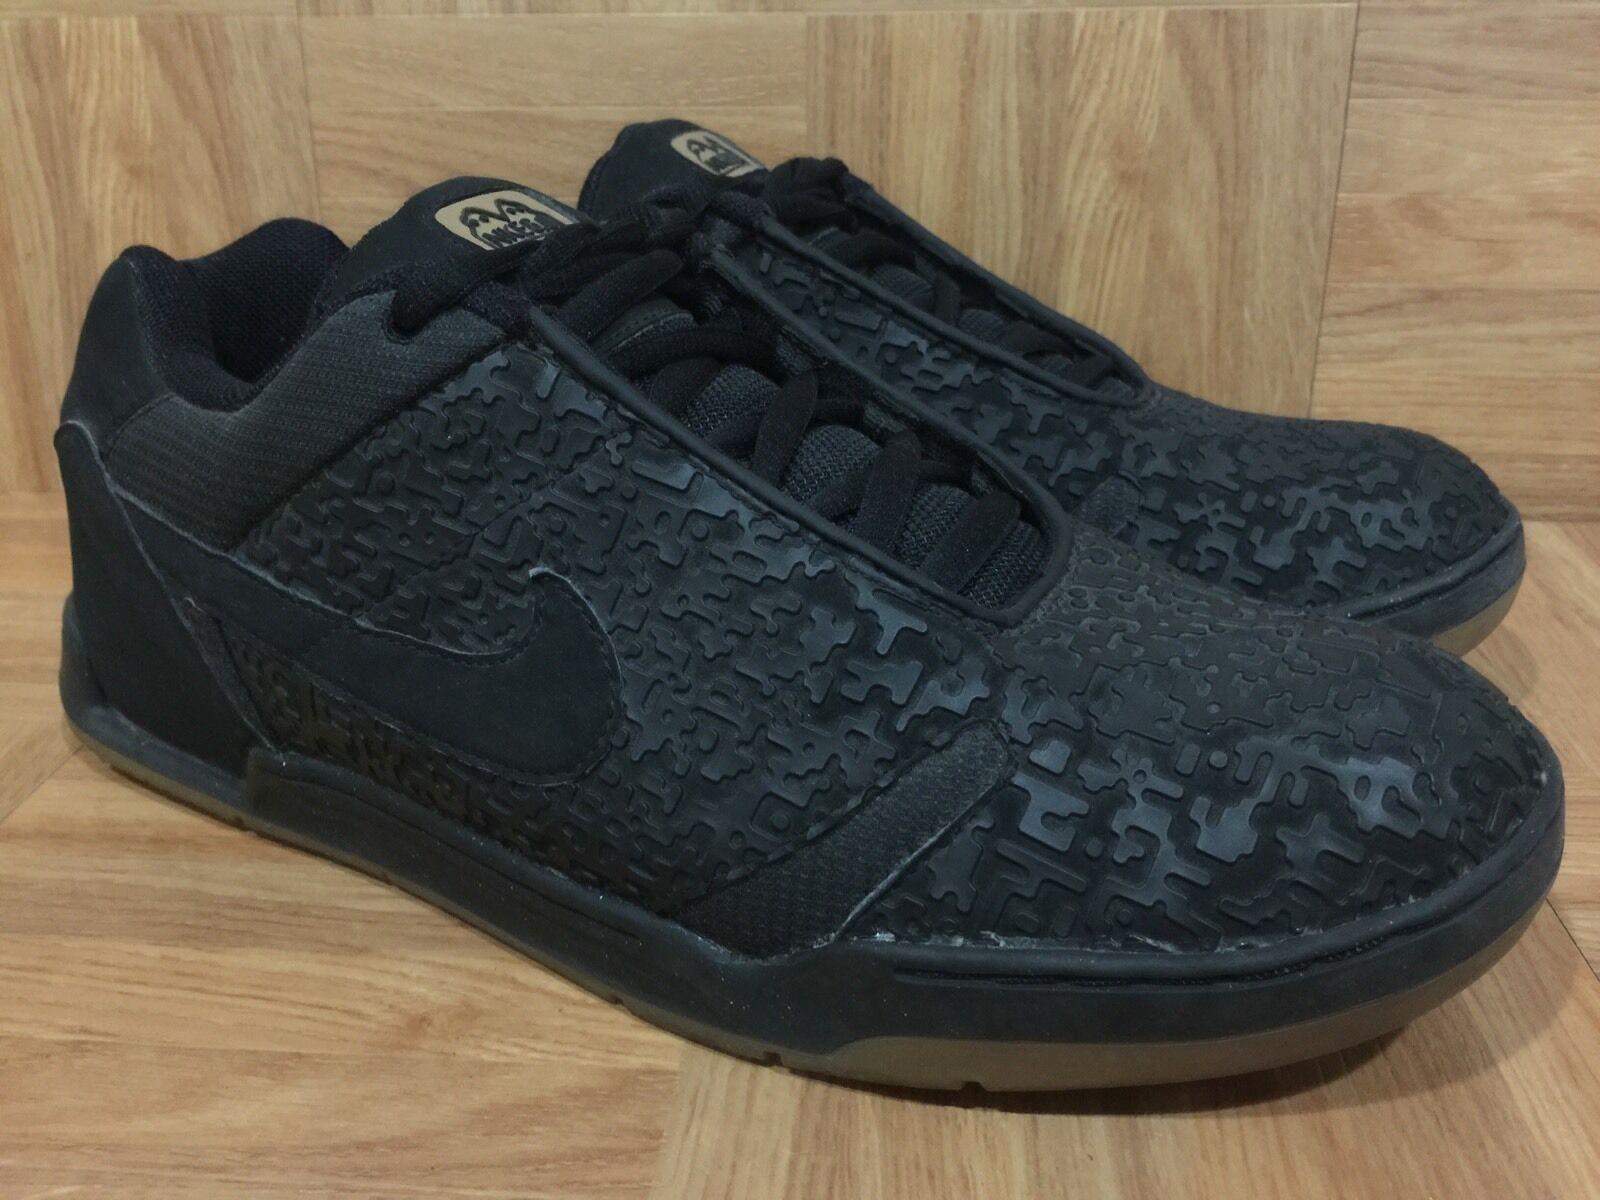 RARE RARE RARE Nike Zoom Air Mobi-One Premium SB Black Laser Light Gum S 10.5 309831-001 a6769f